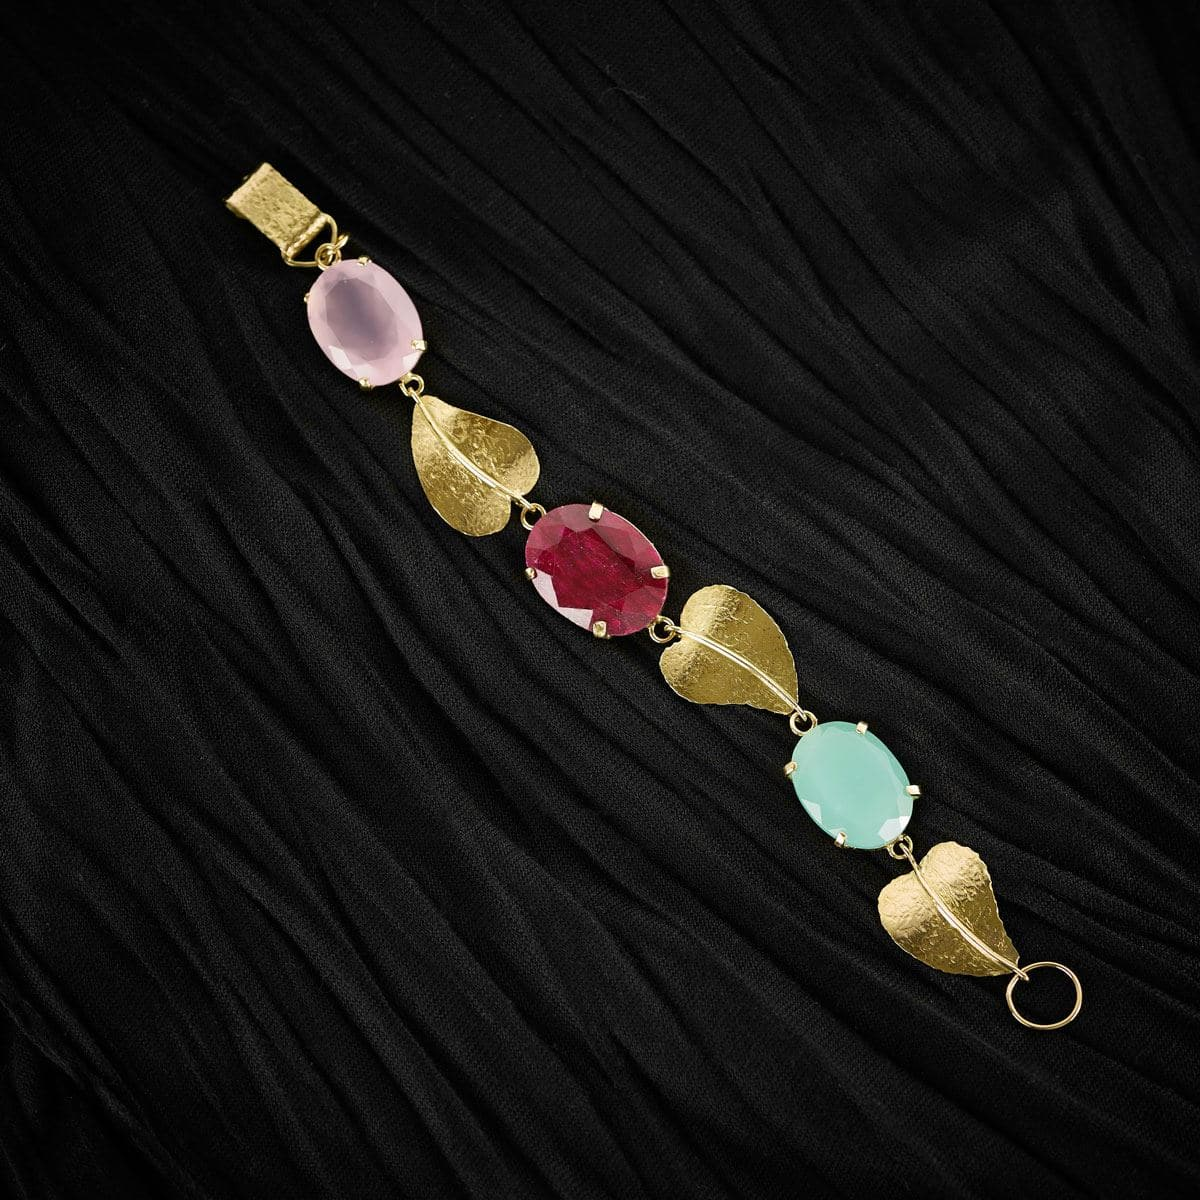 Pulsera de oro modelo Orballo, joyería de oro y piedras. Joyas Siliva.